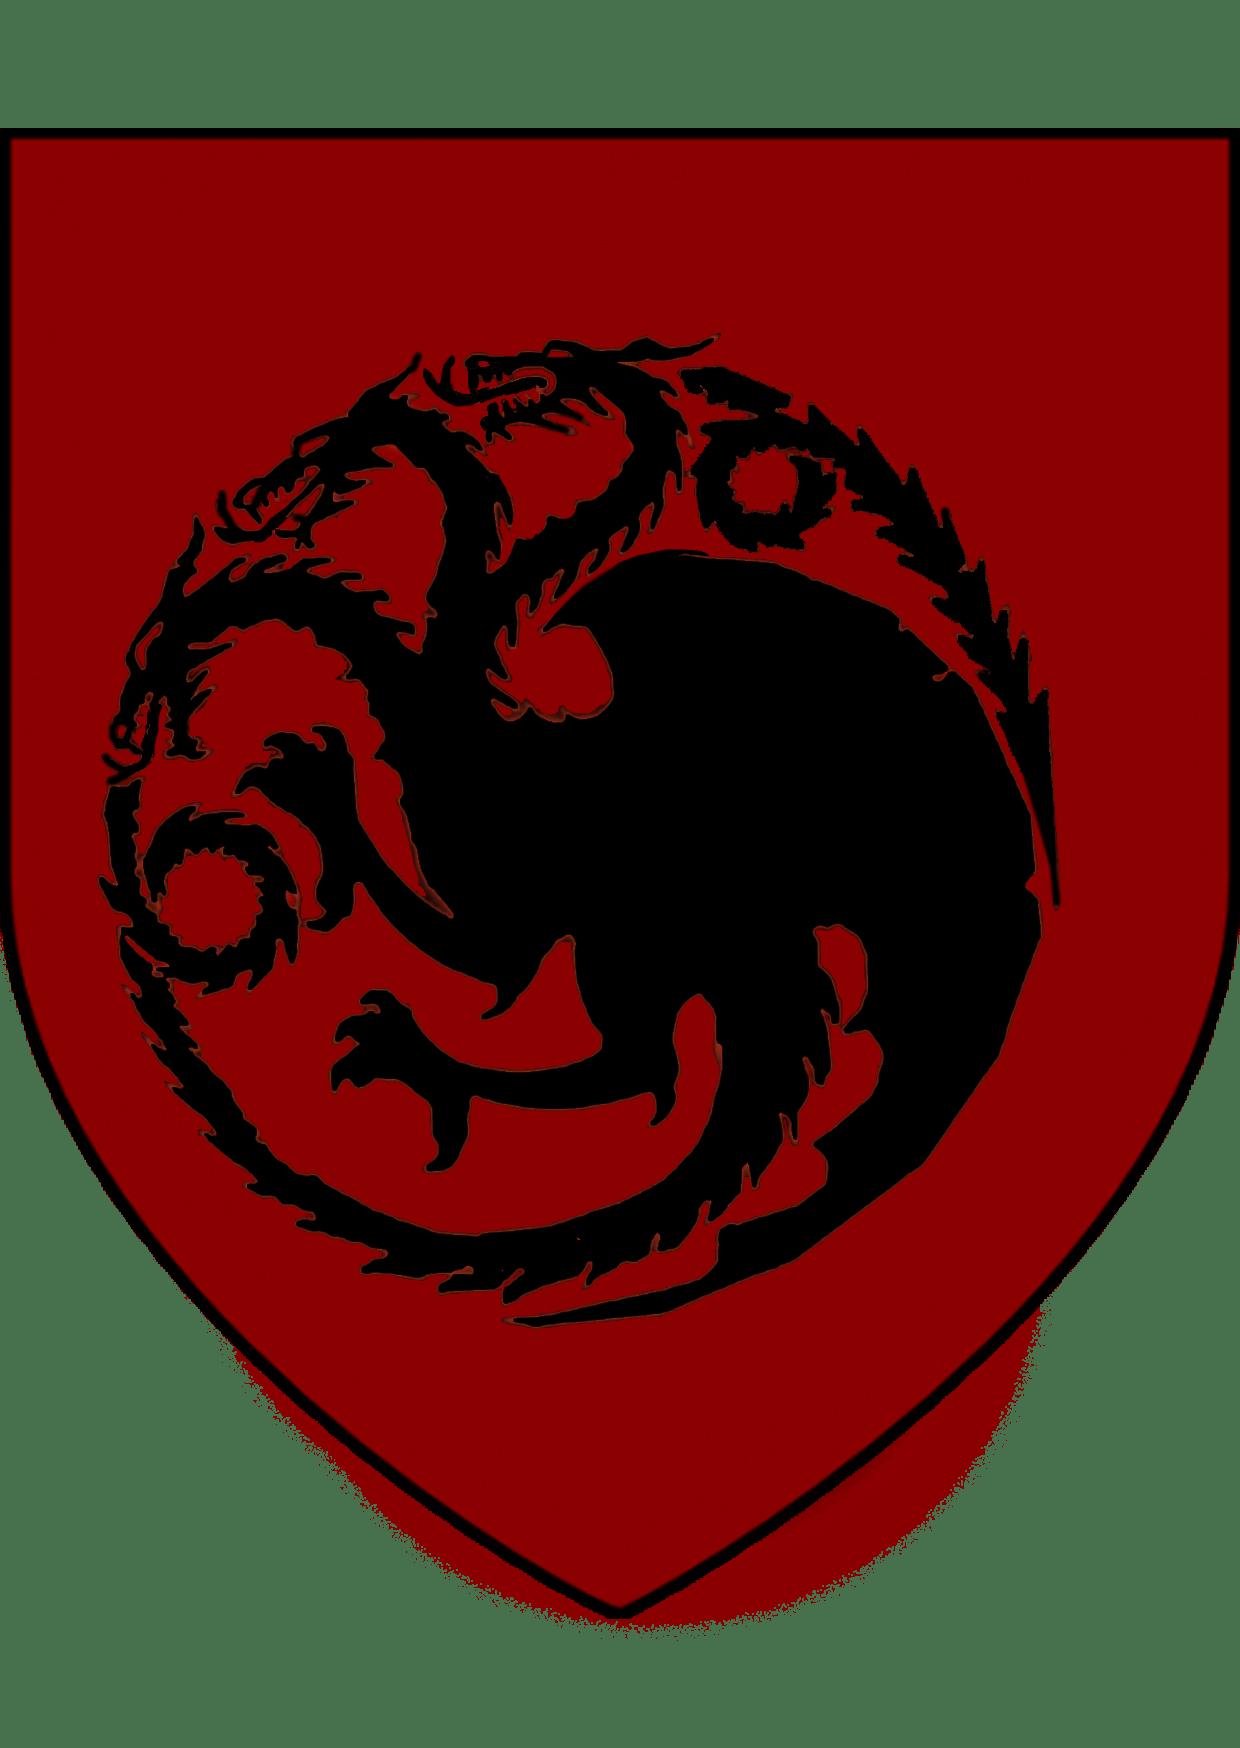 https://i0.wp.com/awoiaf.westeros.org/images/3/3f/House_Blackfyre_crest.png